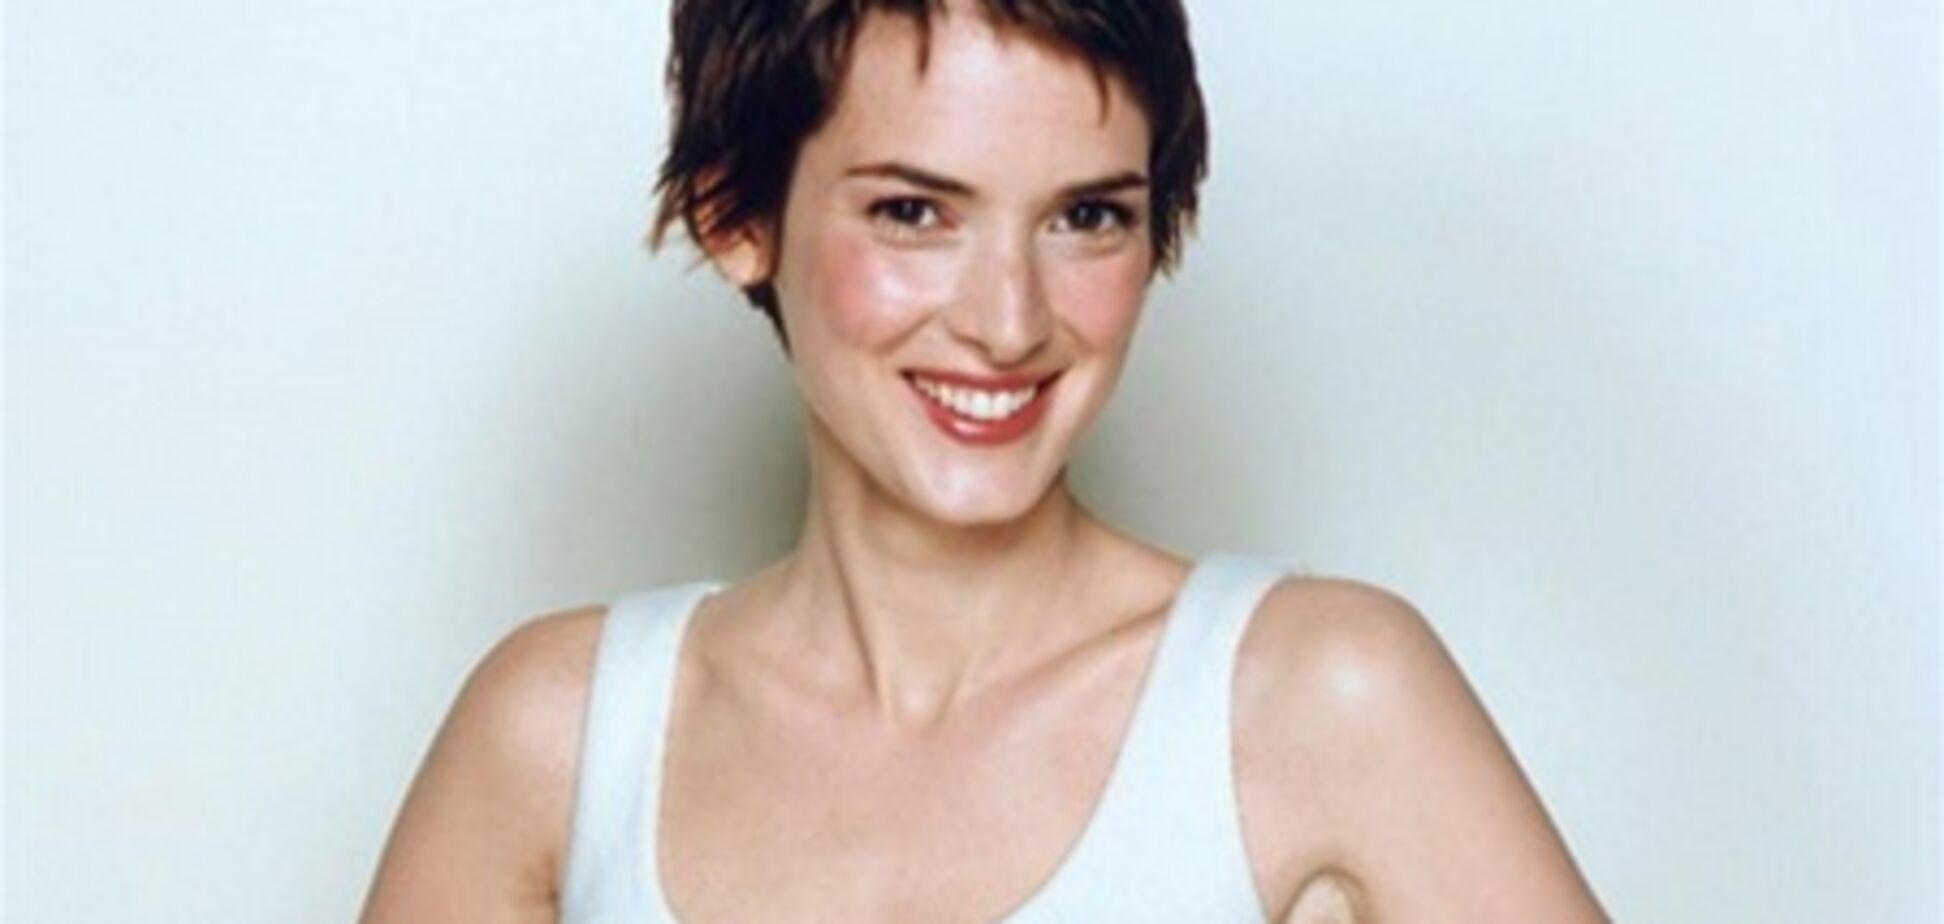 Улыбчивая и естественная Вайнона Райдер: год 2000